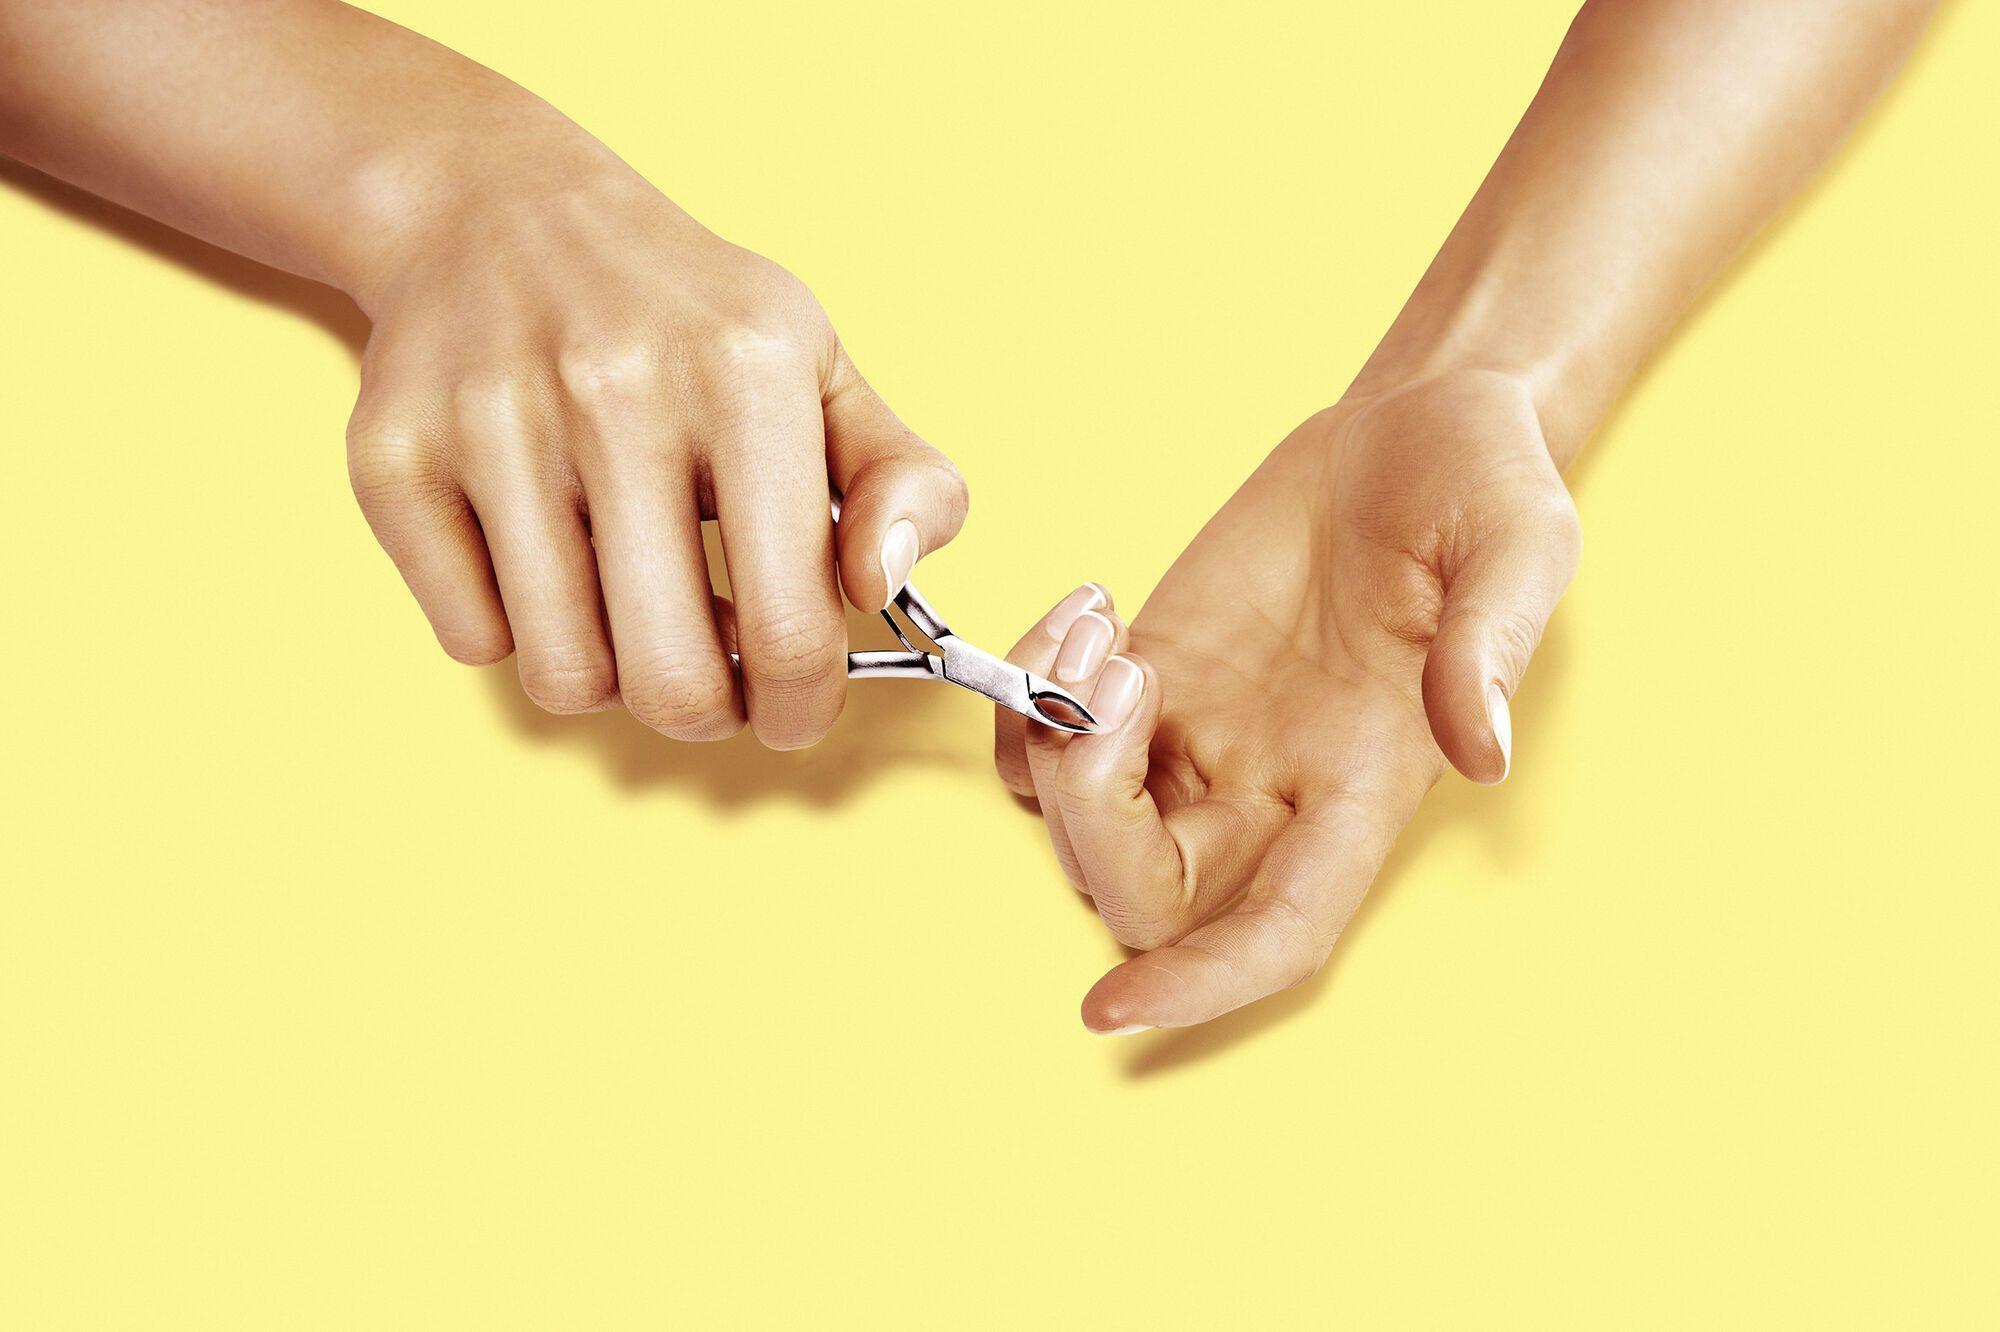 Чаще всего проблемы с кожей, волосами и ногтями случаются из-за проблем с ЖКТ